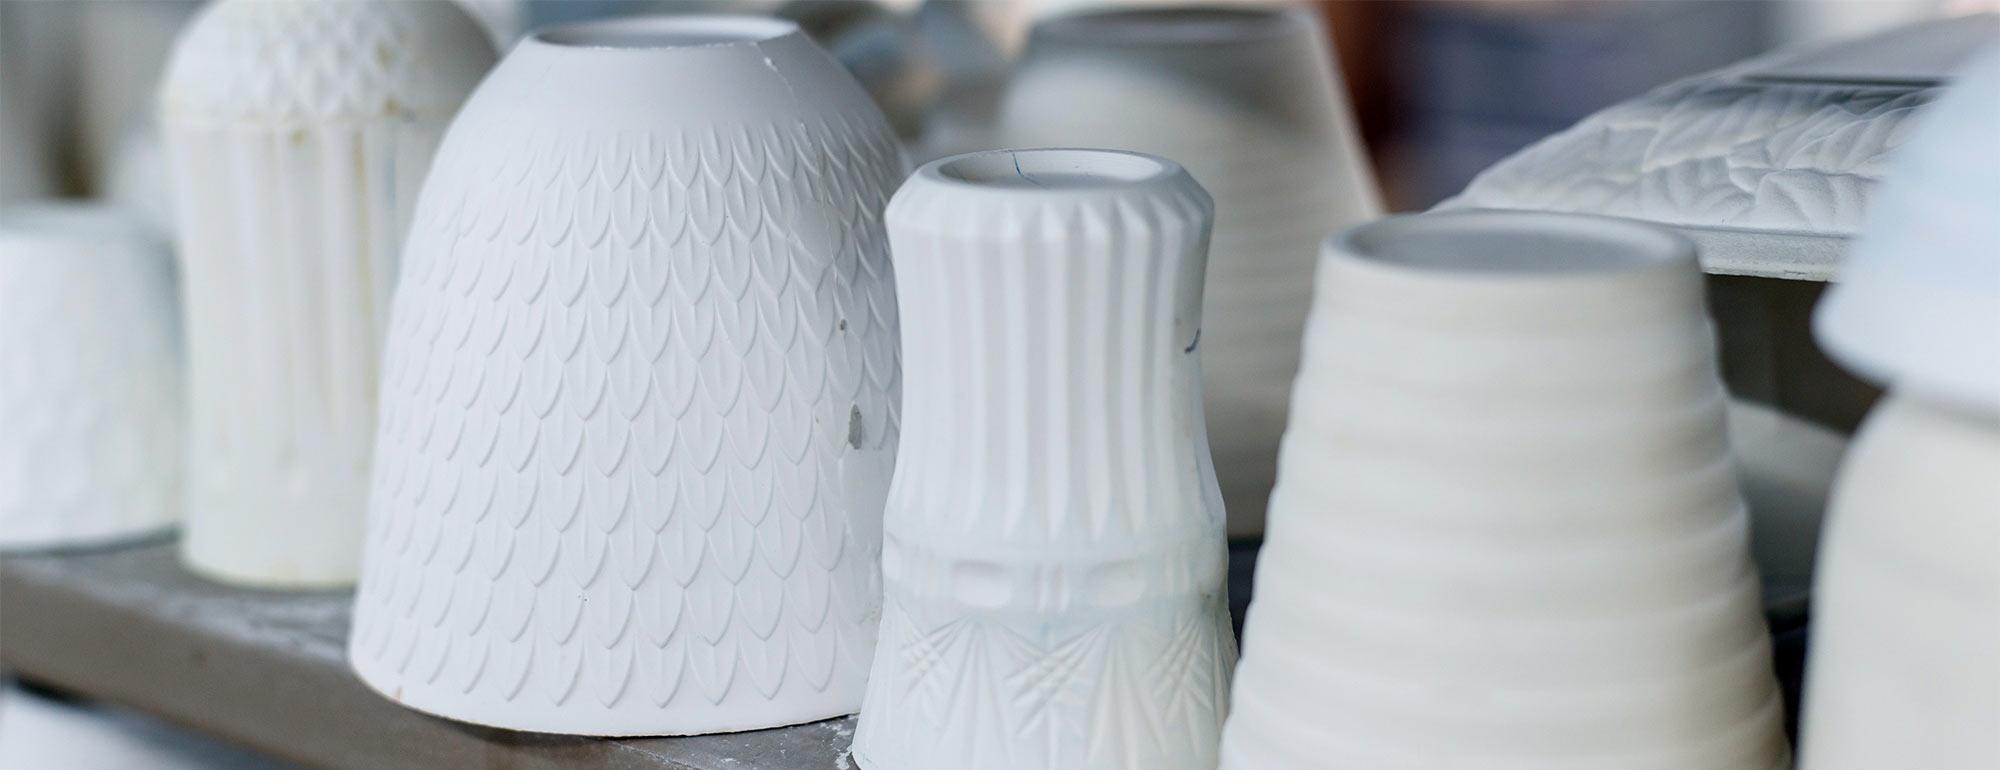 手加工による石膏原型の作製